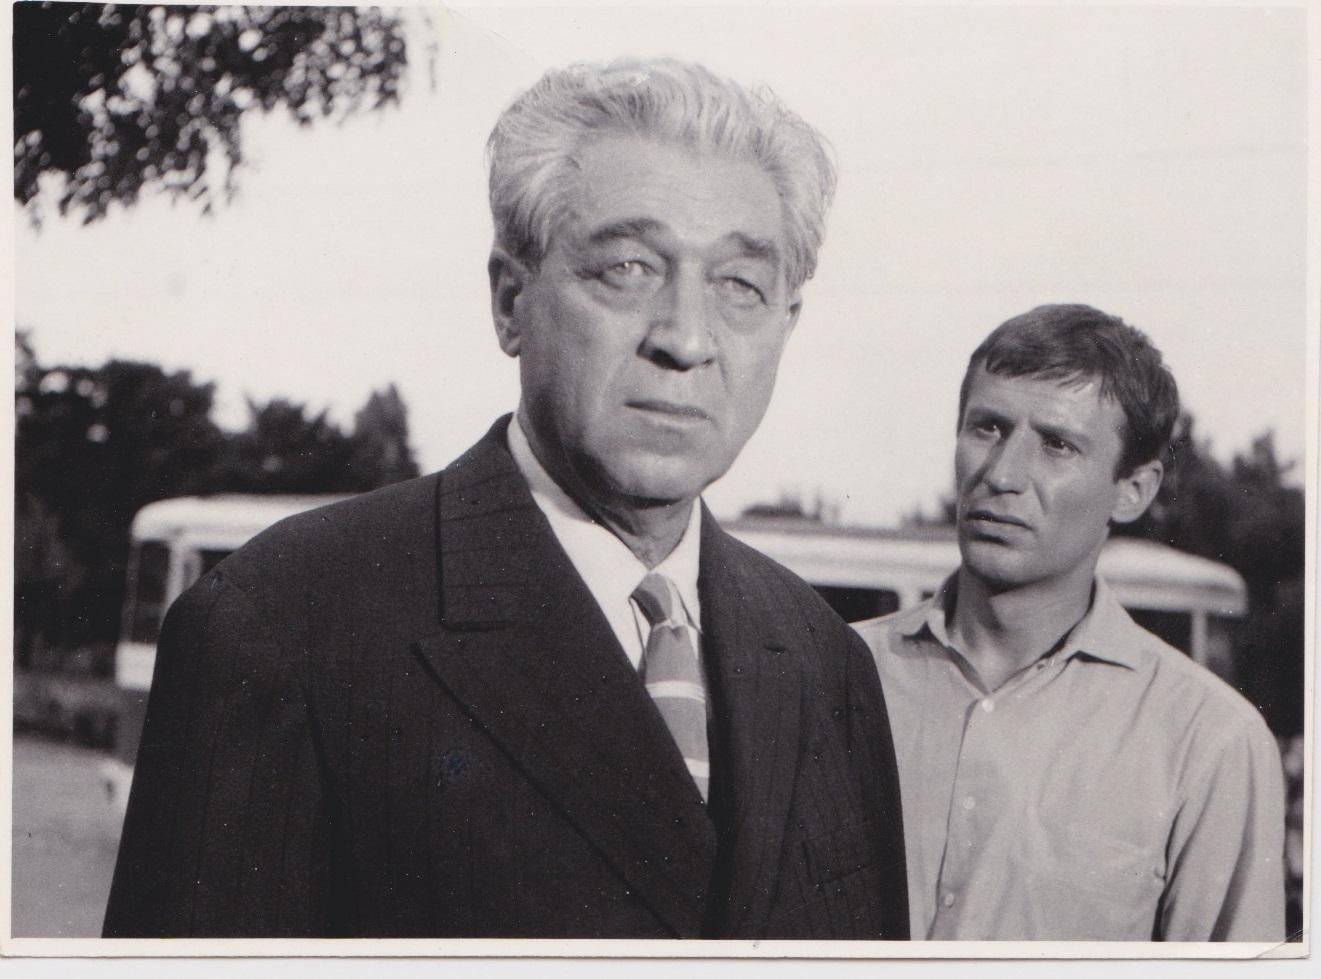 A fost prietenul meu (1962) - Photo